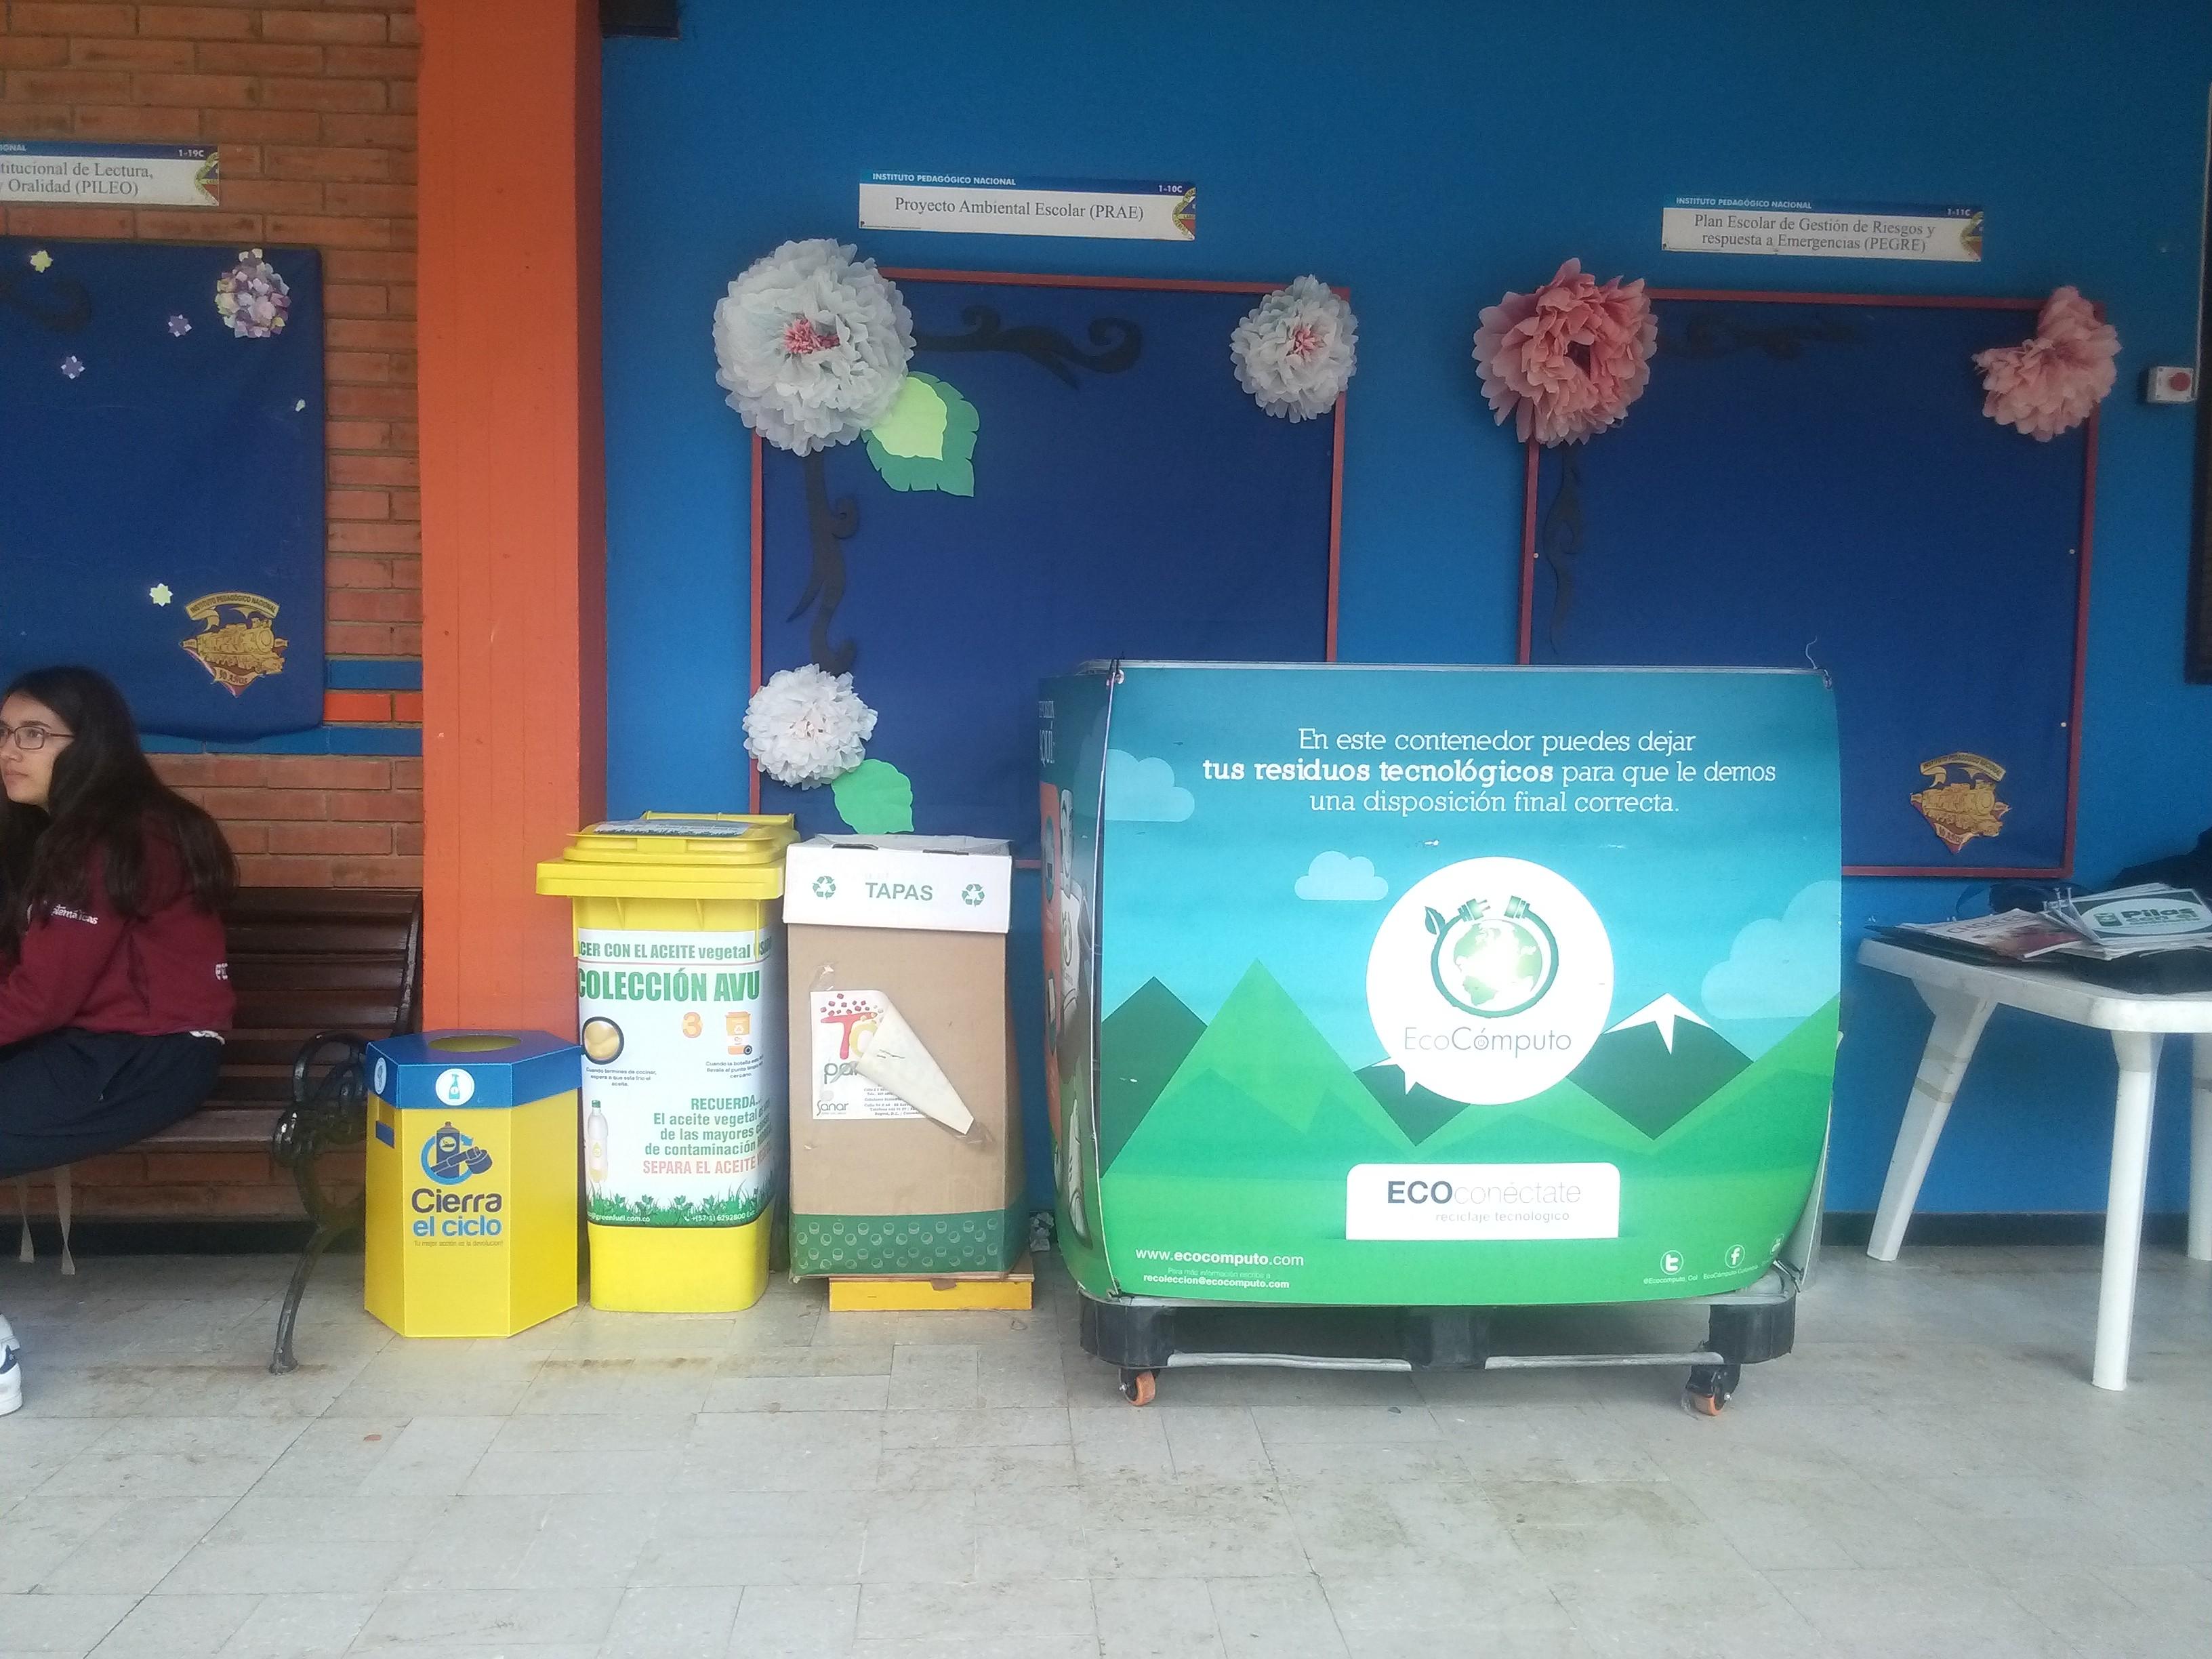 fotografía de contenedores de cierra el ciclo, recolección de aceite vegetal usado, tapas para sanar y ecocomputo instalados durante el evento.